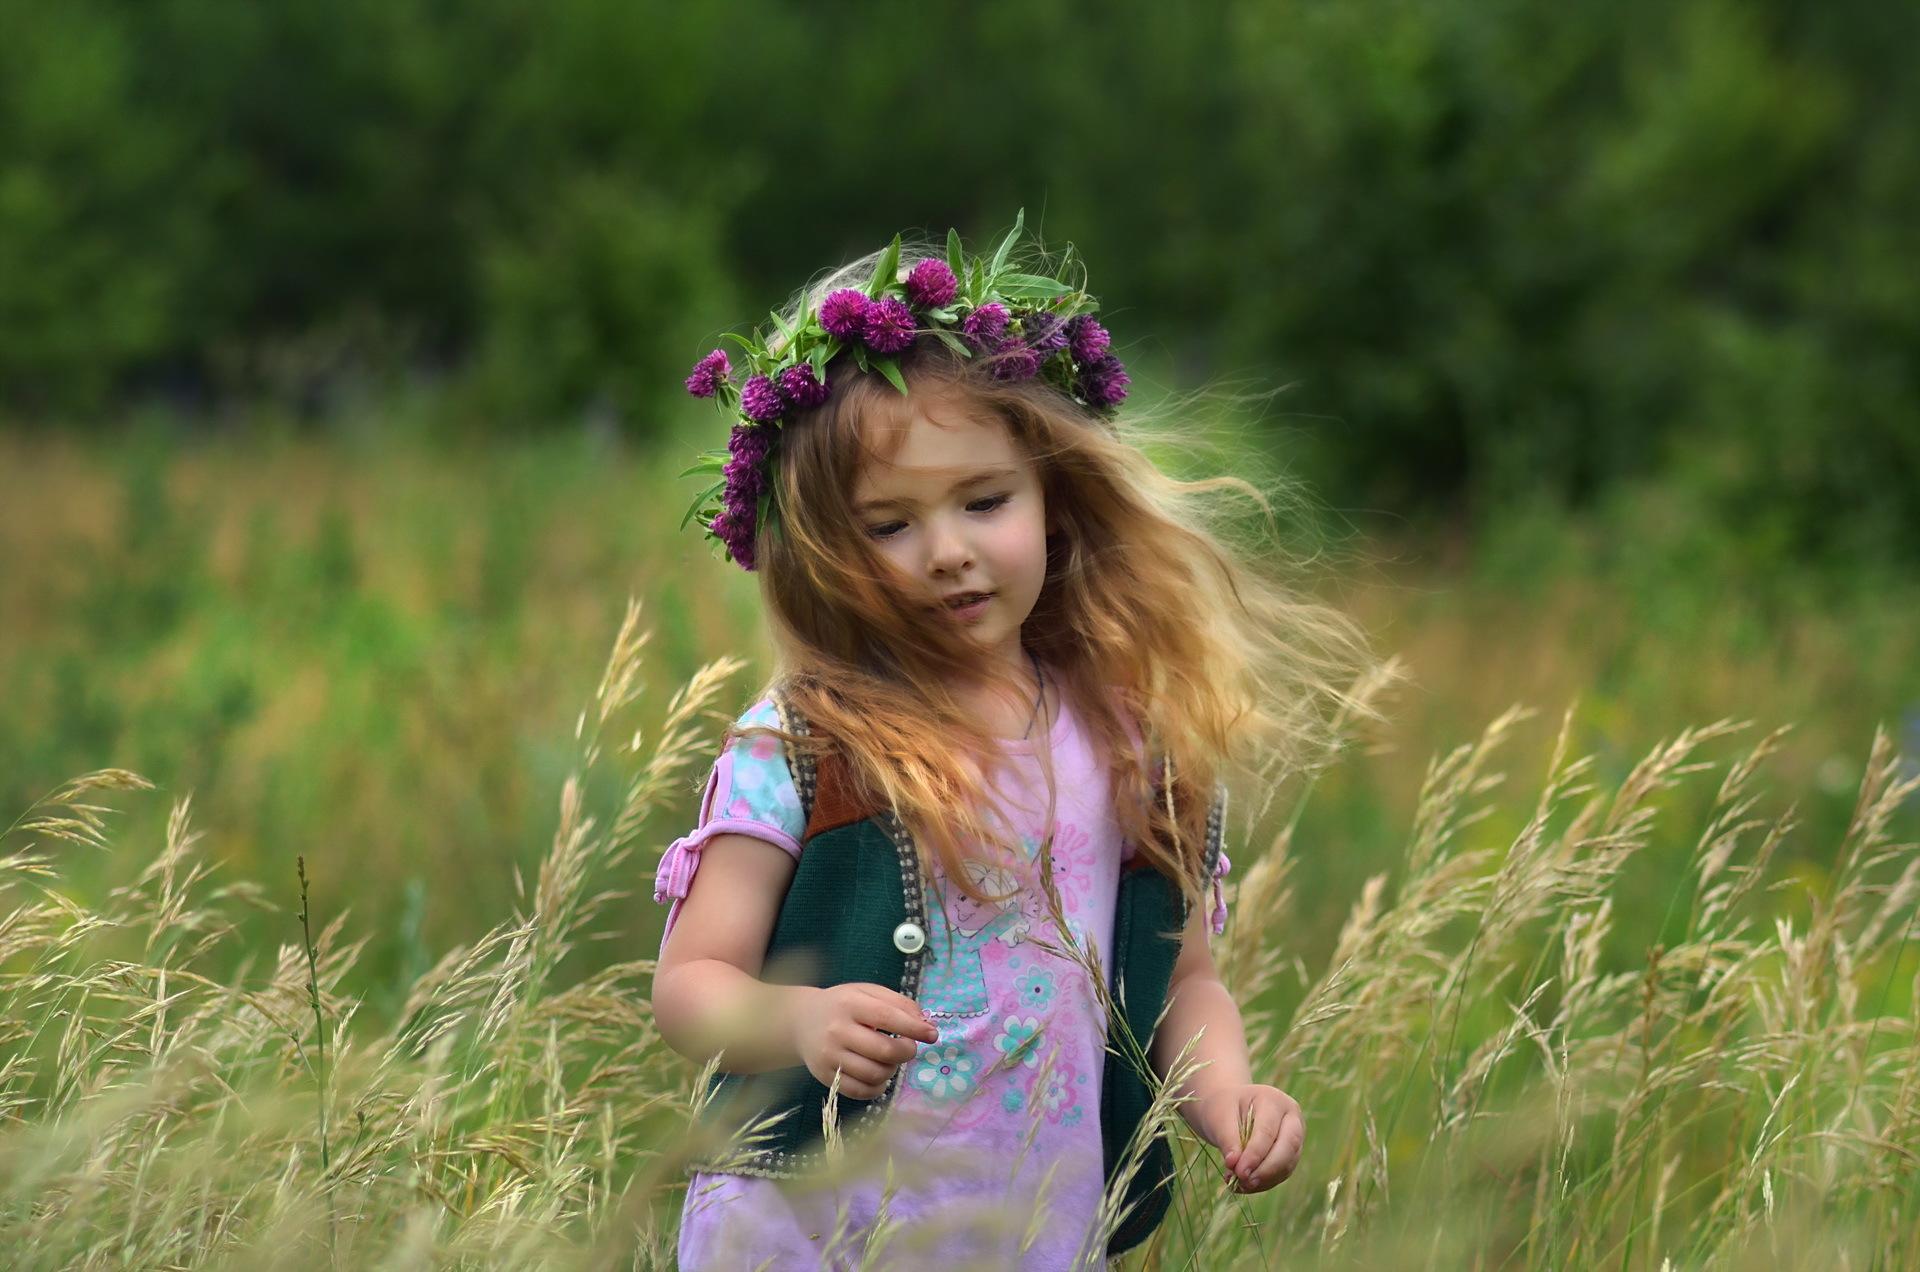 девочка, поле, ромашки, венок, букет без смс